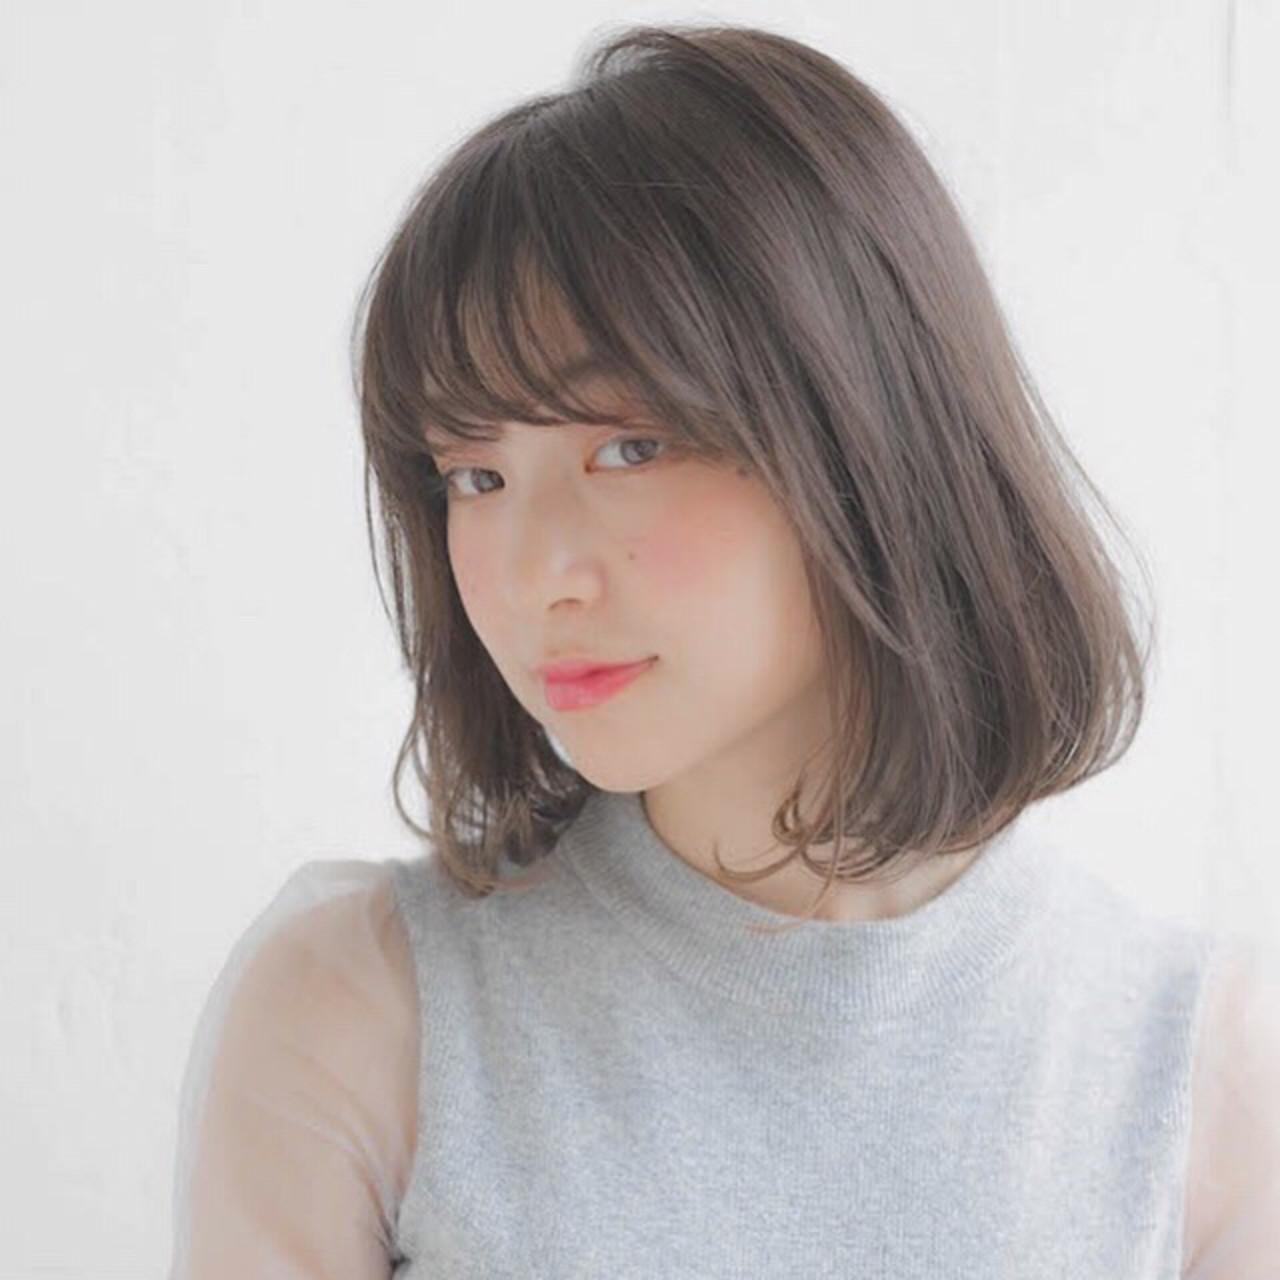 艶やかな美しさで人気のヘアカラーのグレージュ 竹澤 優/relian銀座Top stylist